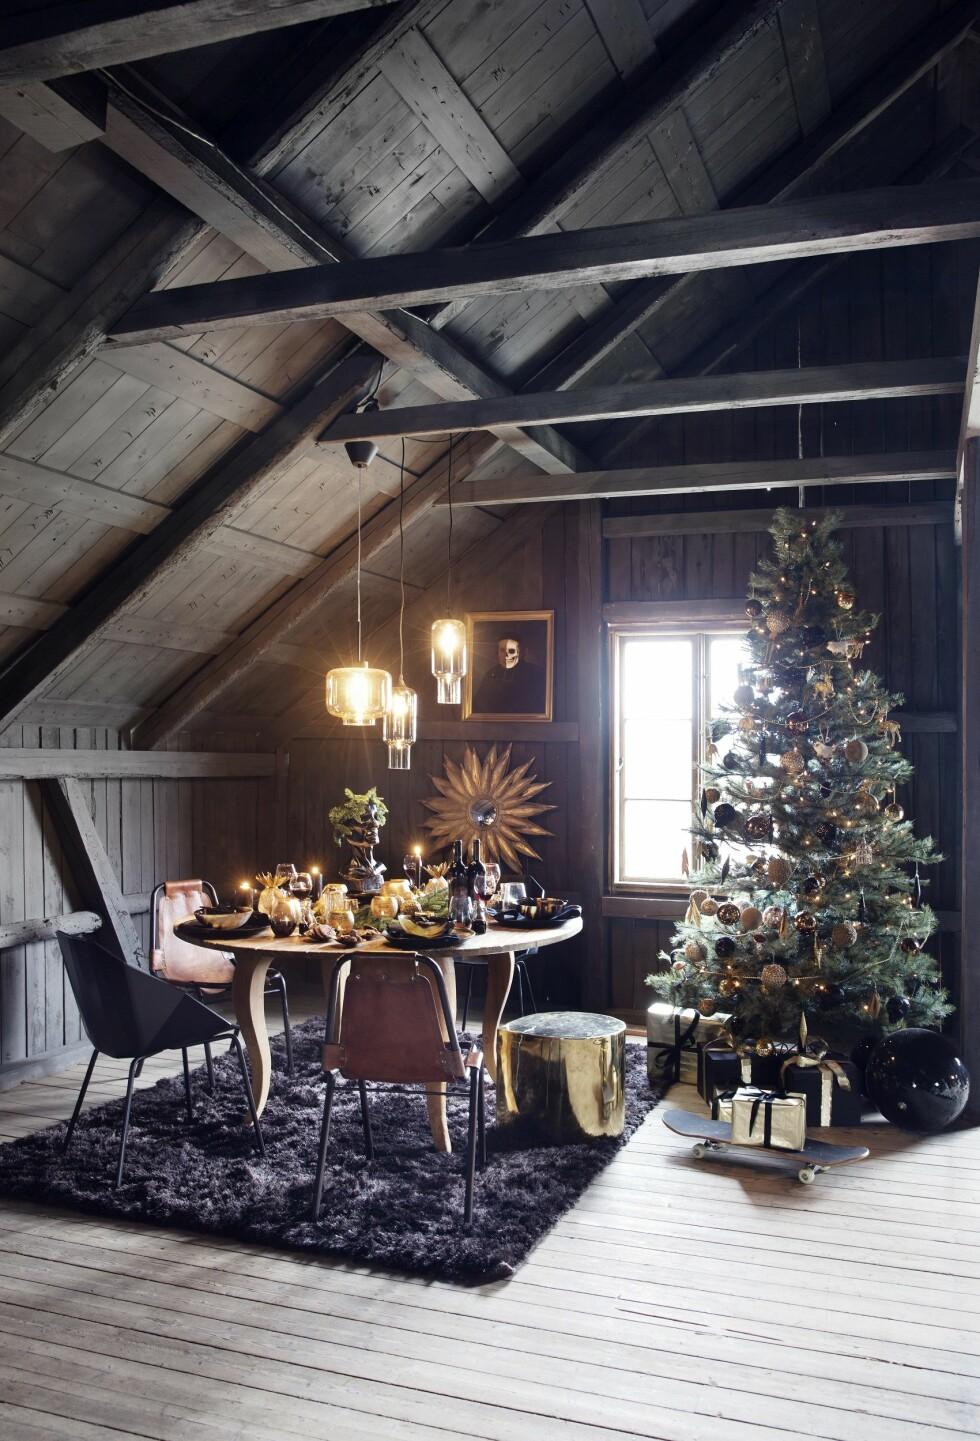 MIDDAGSSELSKAP: Ja takk til å sitte her og spise julemiddag! Bord fra Nixon, solspeil og bilde på veggen fra Milla Boutique. Foto: Yvonne Wilhelmsen